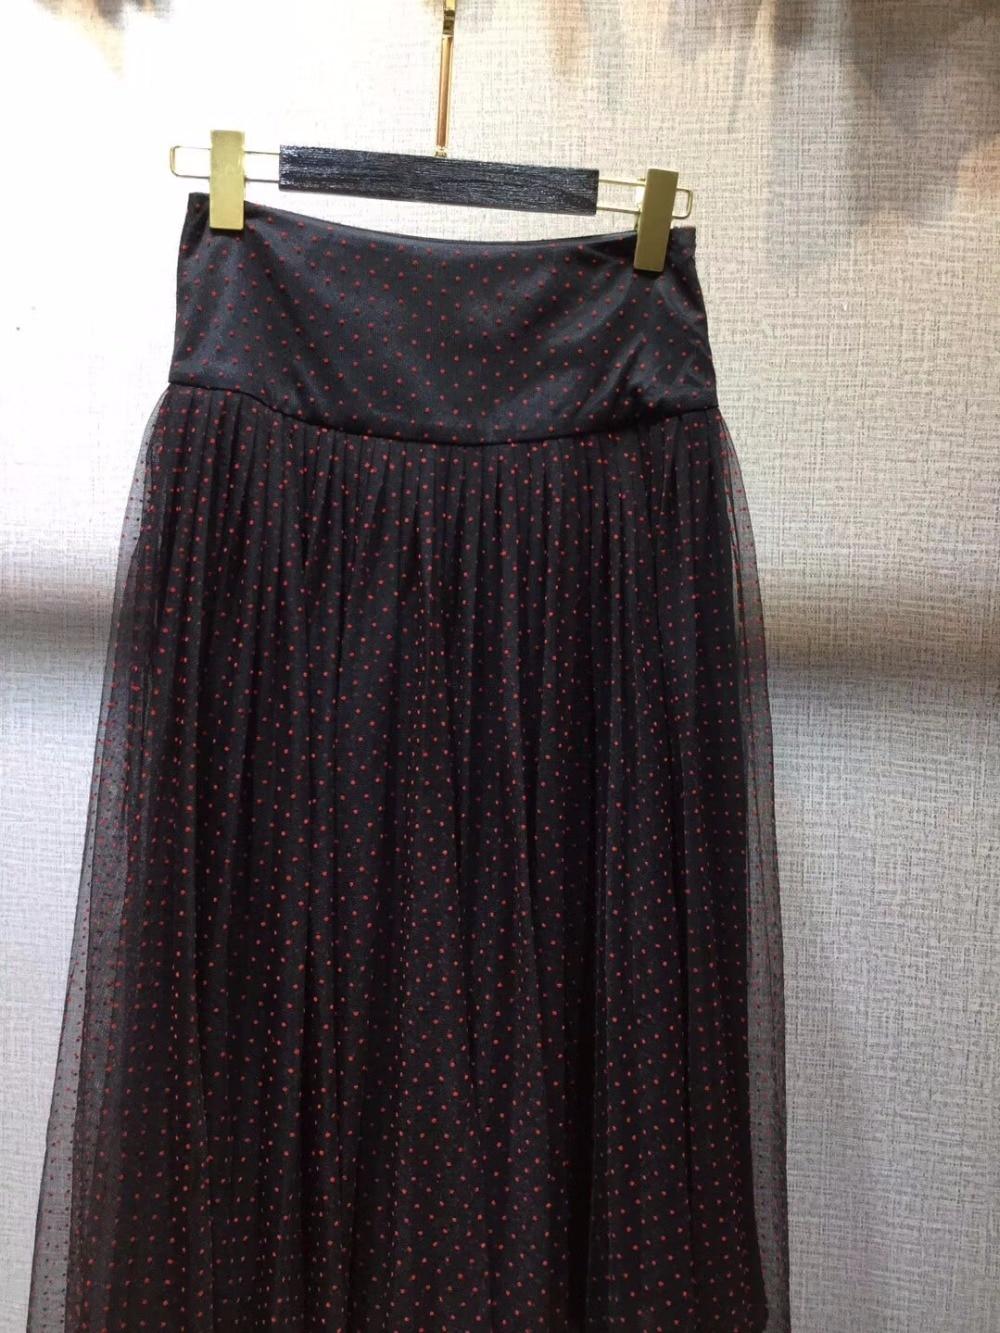 Europeo Ah0381 Pista De 2019 Ropa Faldas Estilo La Marca Fiesta Diseño Lujo Famosa Mujeres Moda Las 7rwrd0